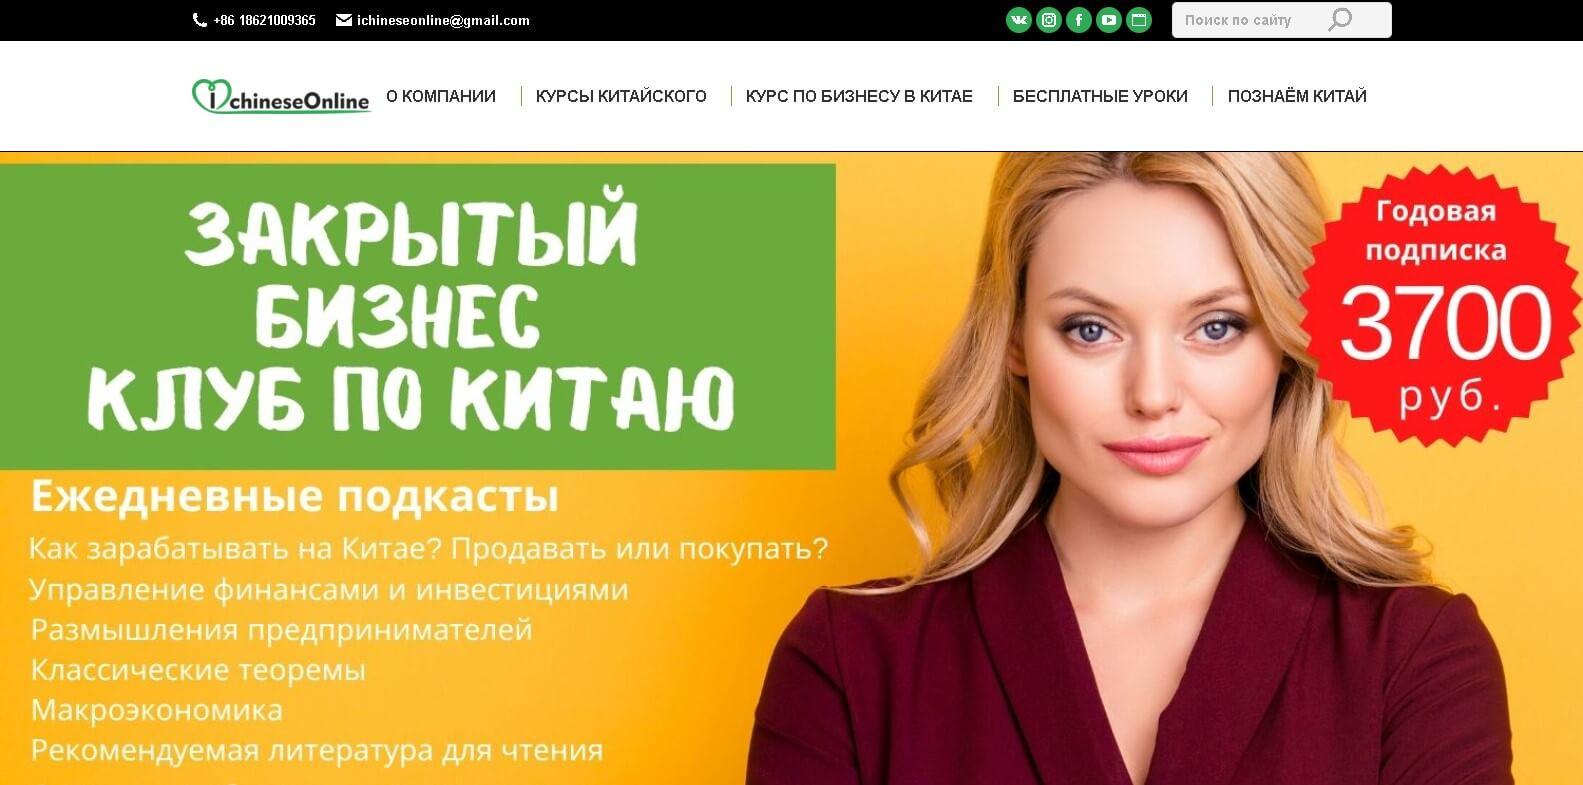 Кейс SEO - продвижение языковых курсов ichinese.online по России